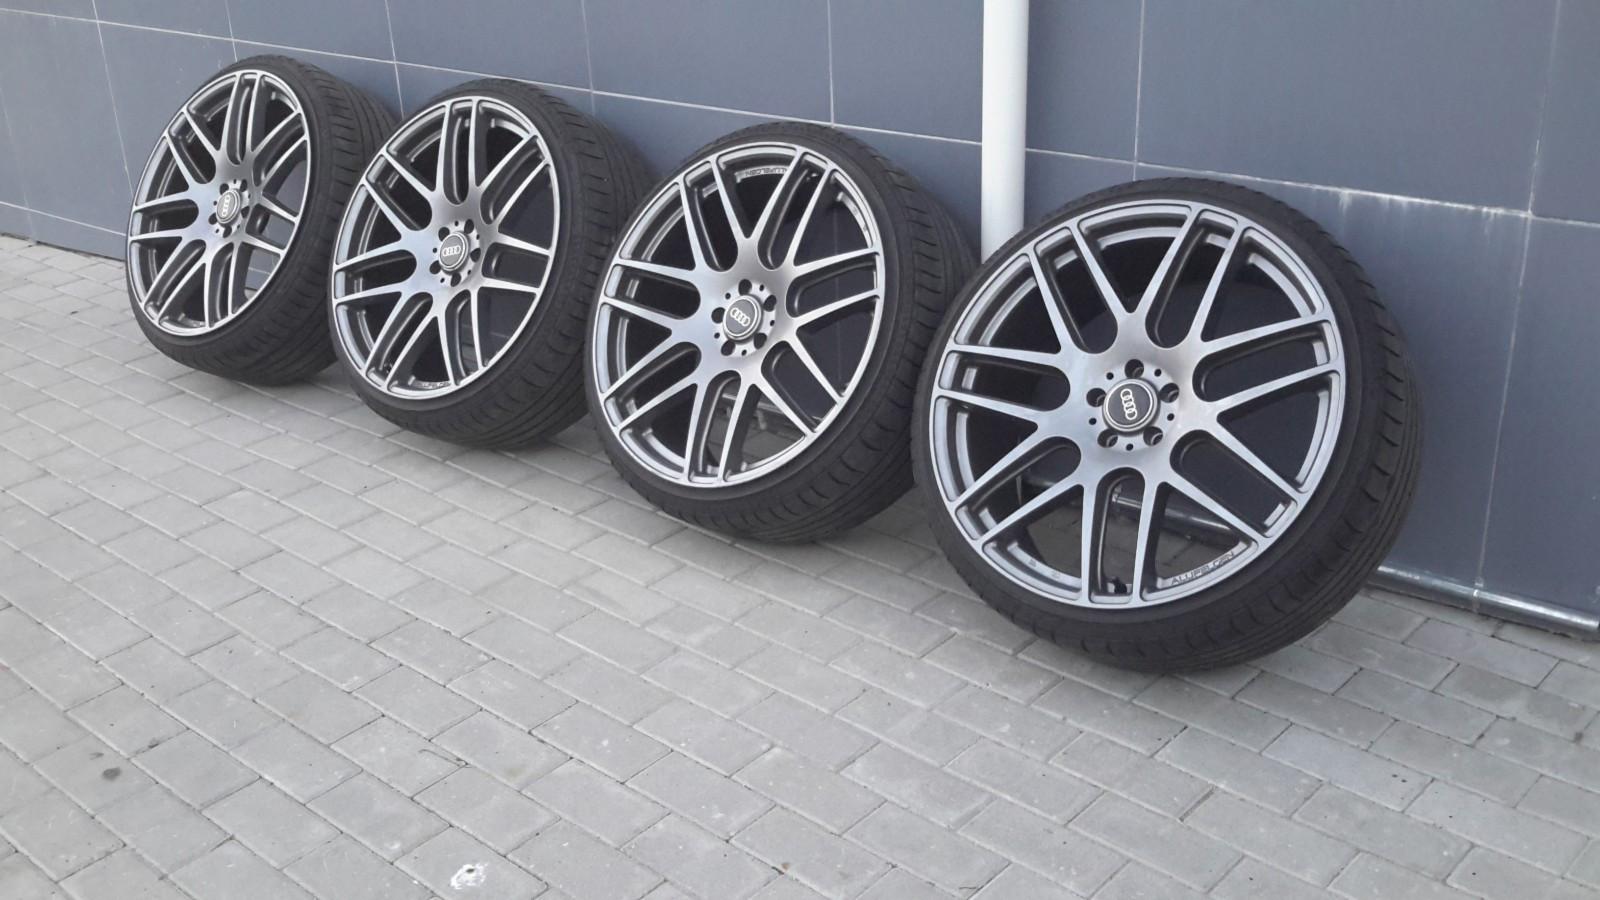 """22"""" tøff ocean hjul til salgs - Sandane  - 22"""" Ocean felger med dekk til salgs. Dekk må skiftes. Felger må sees. Har ståt på Audi A8 men passar for fleire modeler.  Innpres Et50 Bredde 10J  Kan sende - Sandane"""